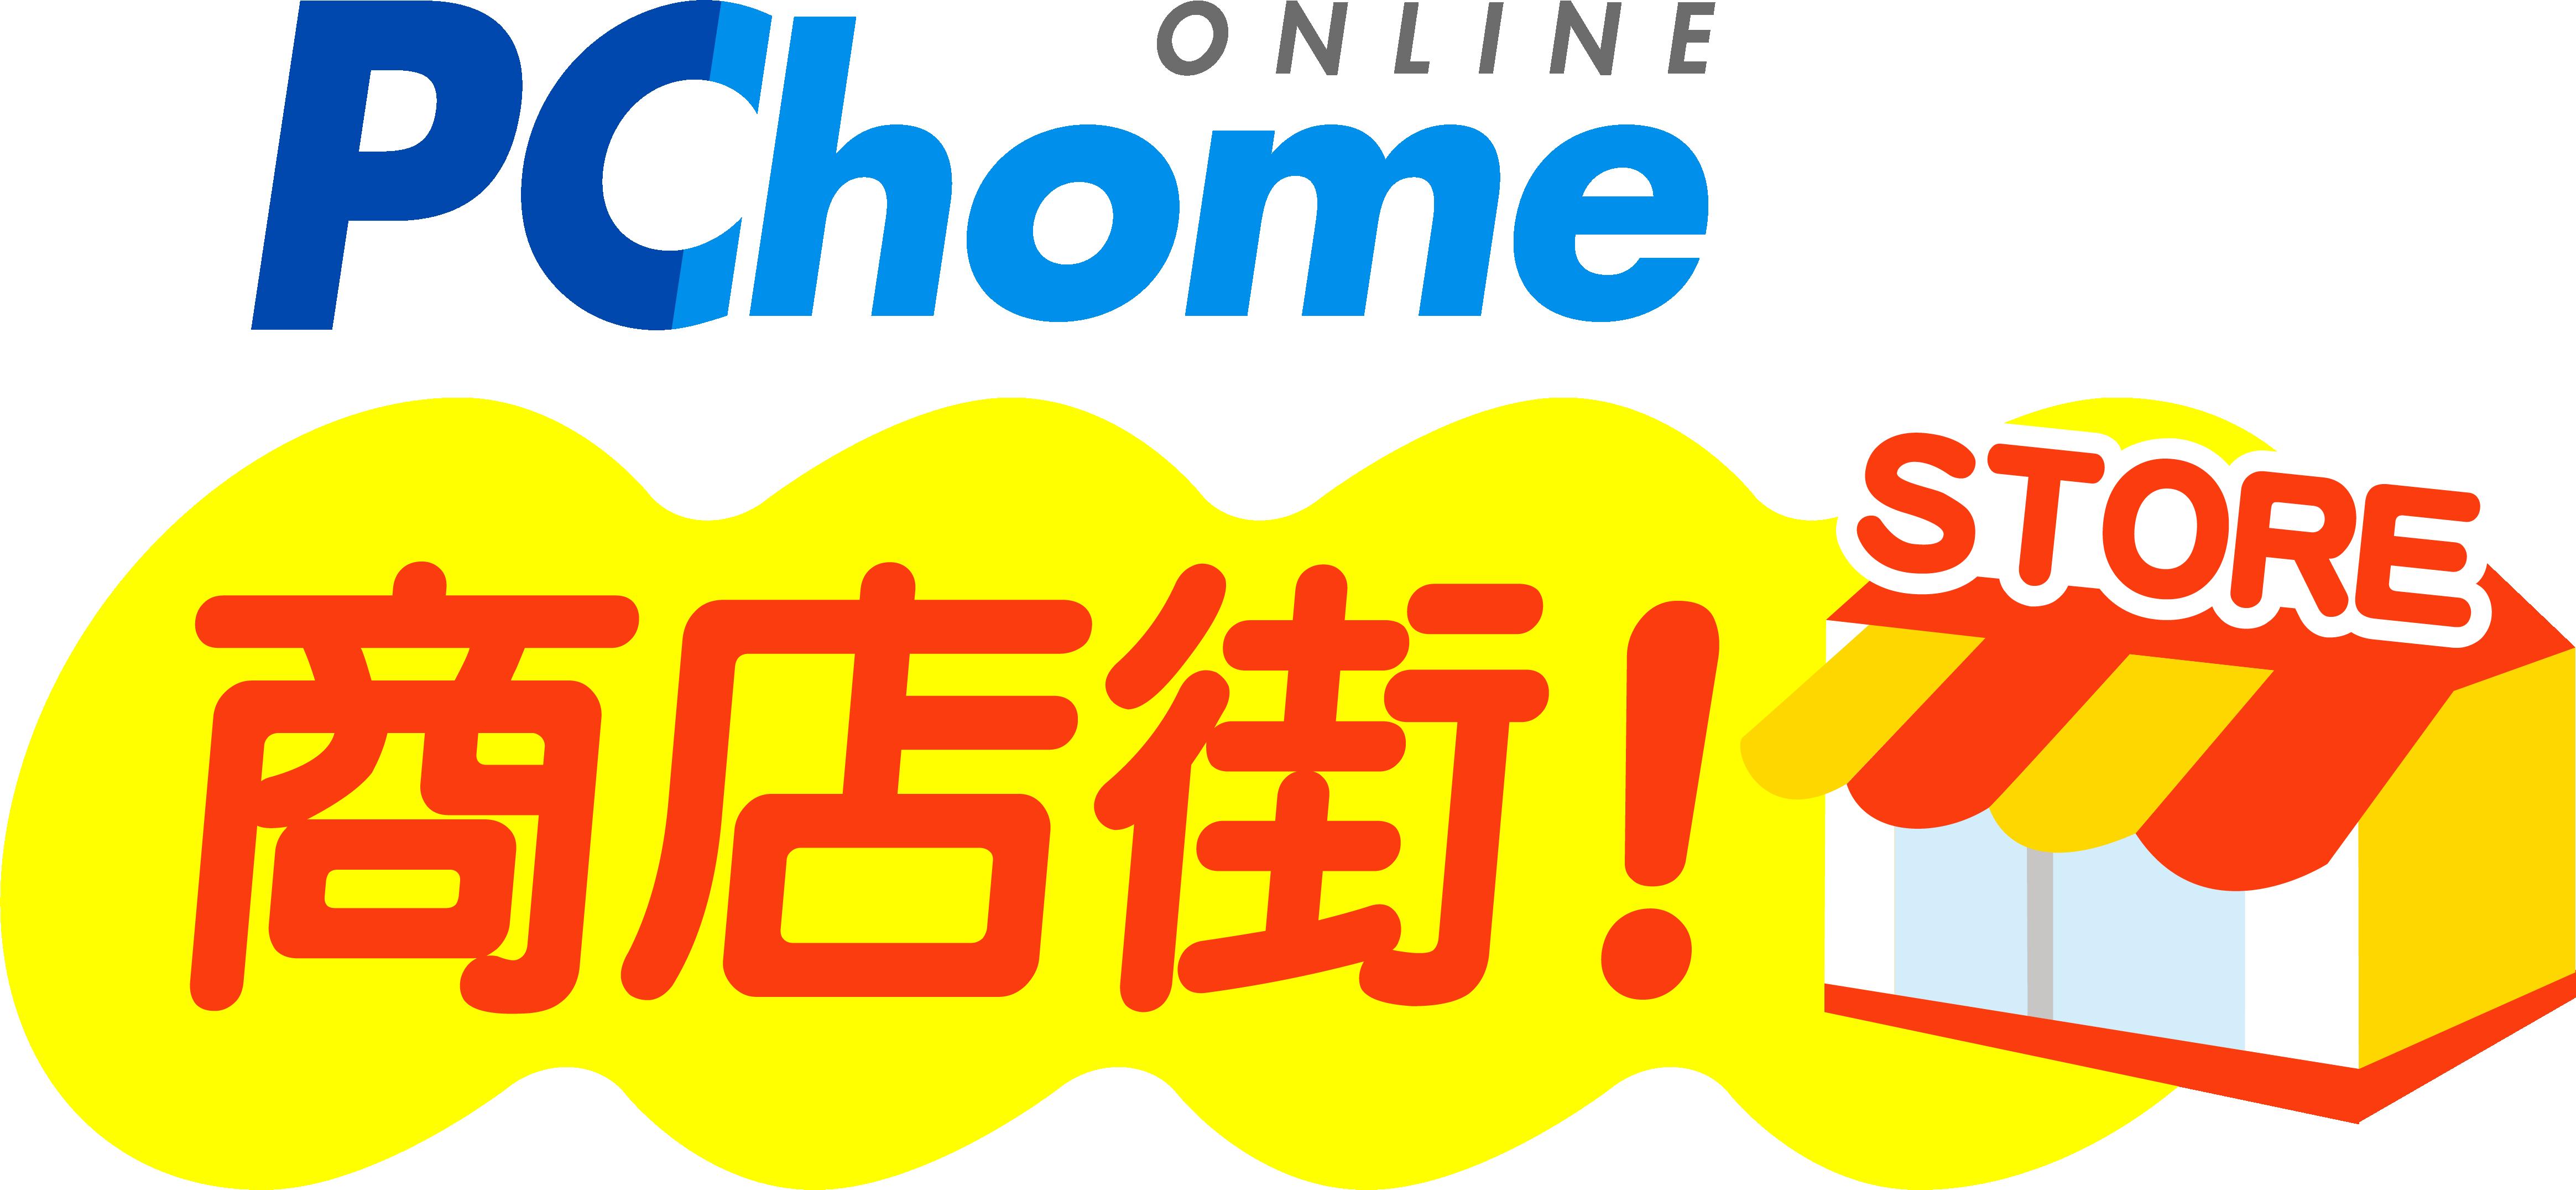 PChome商店街